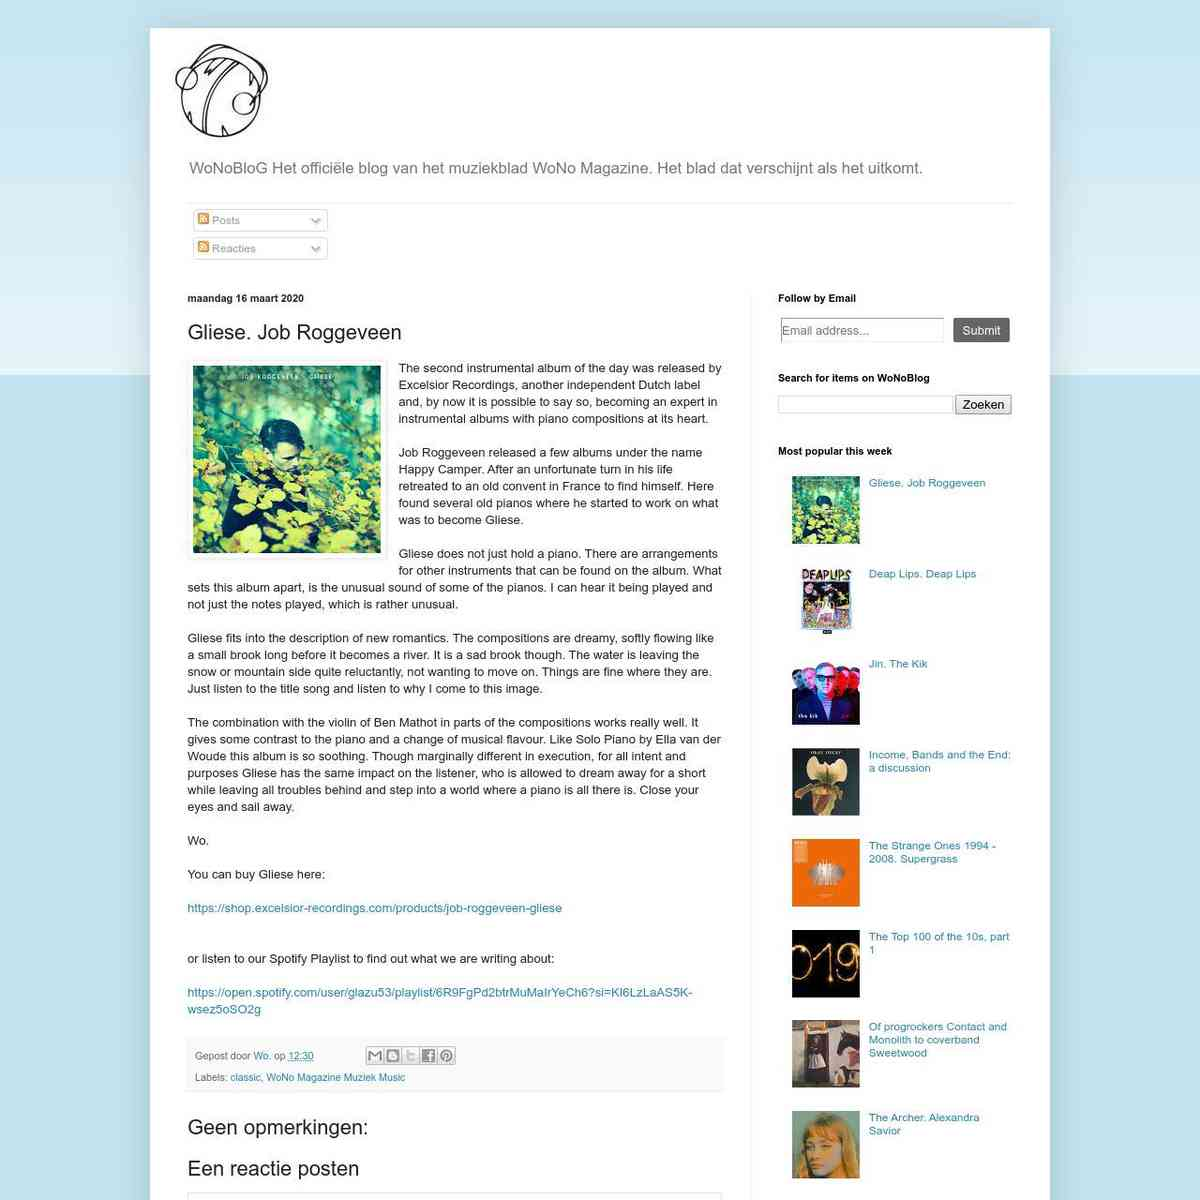 WoNoBlog